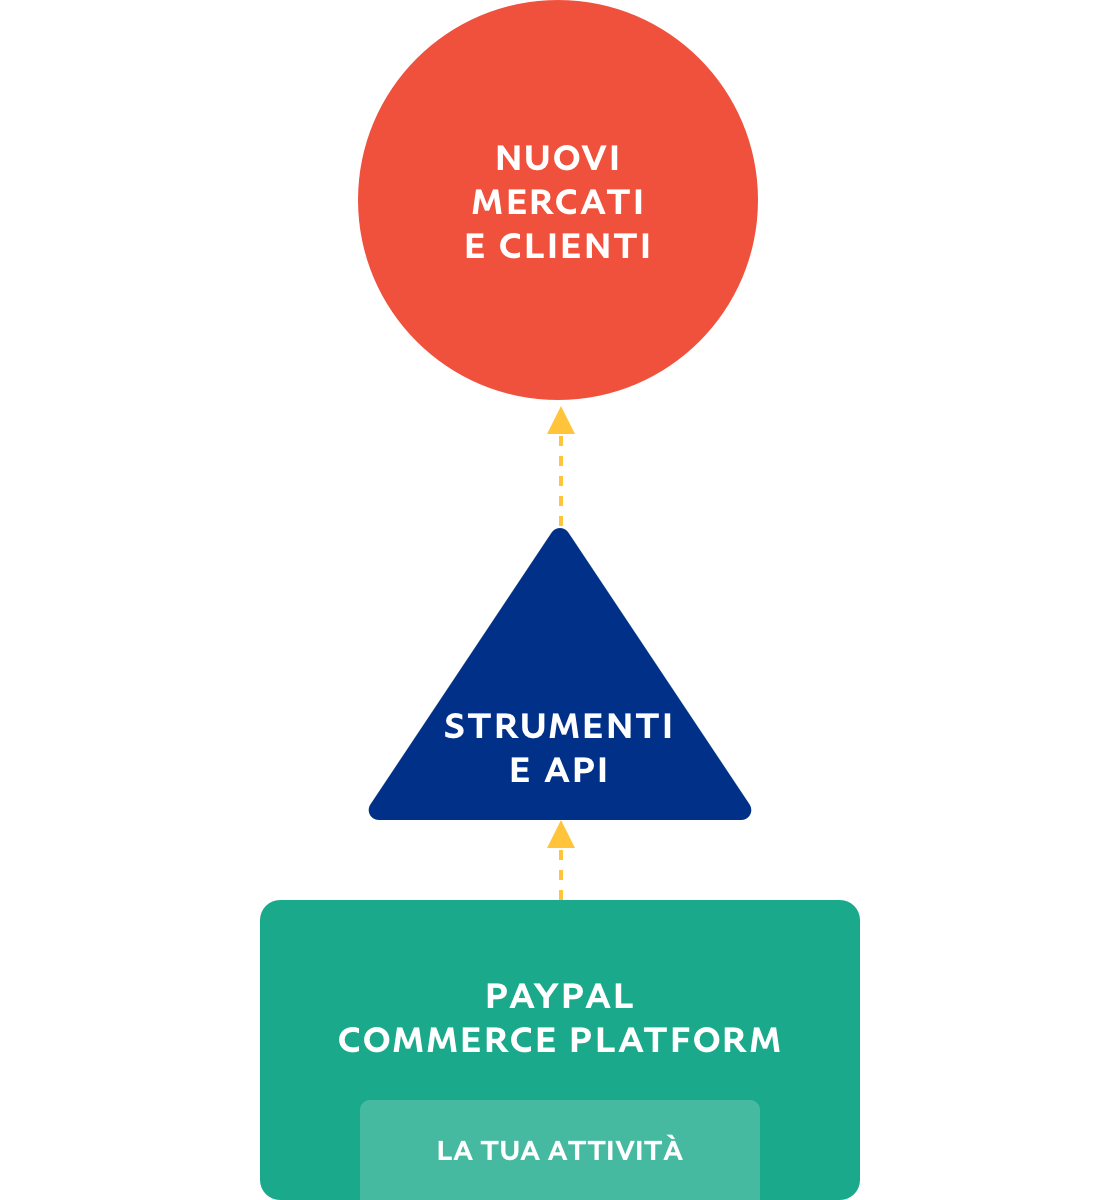 Diagramma di flusso che descrive il percorso di un'azienda verso nuovi mercati e clienti.